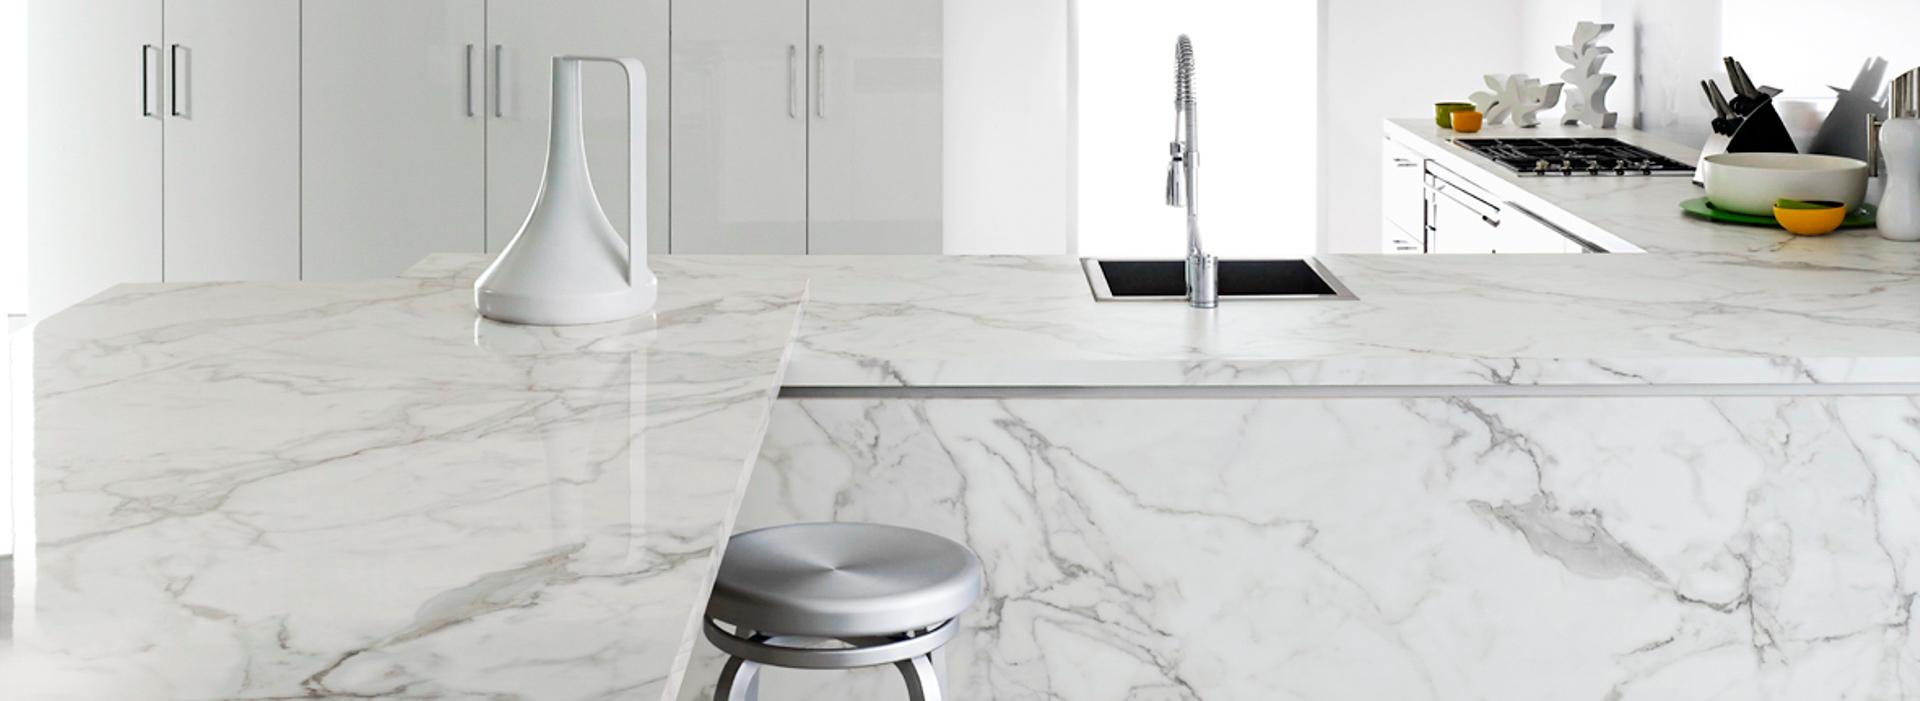 Comptoirs de cuisine lustrés en stratifié de marque Formica® collection 180fx® Marbre Calacatta 3460-90